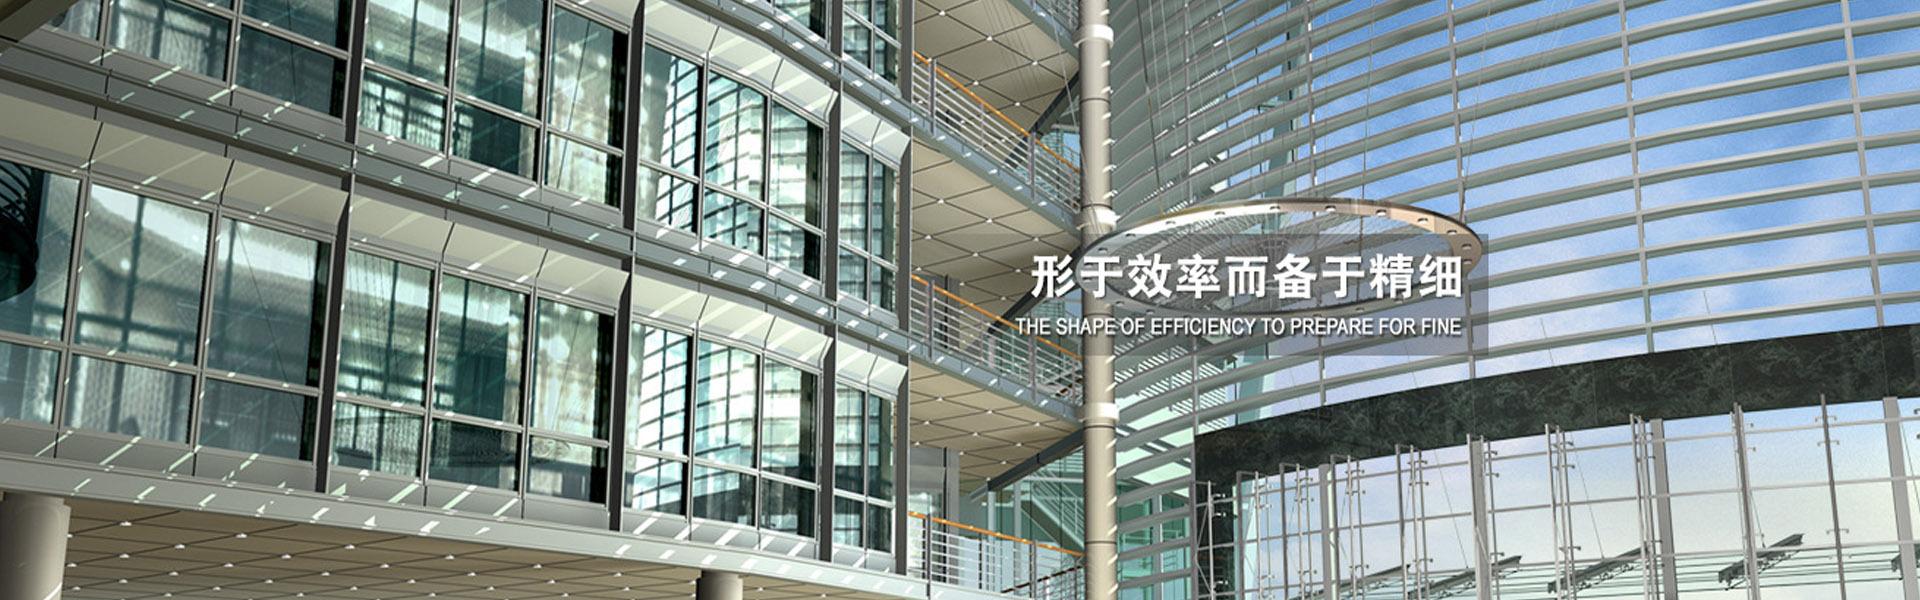 葡京pj911.com